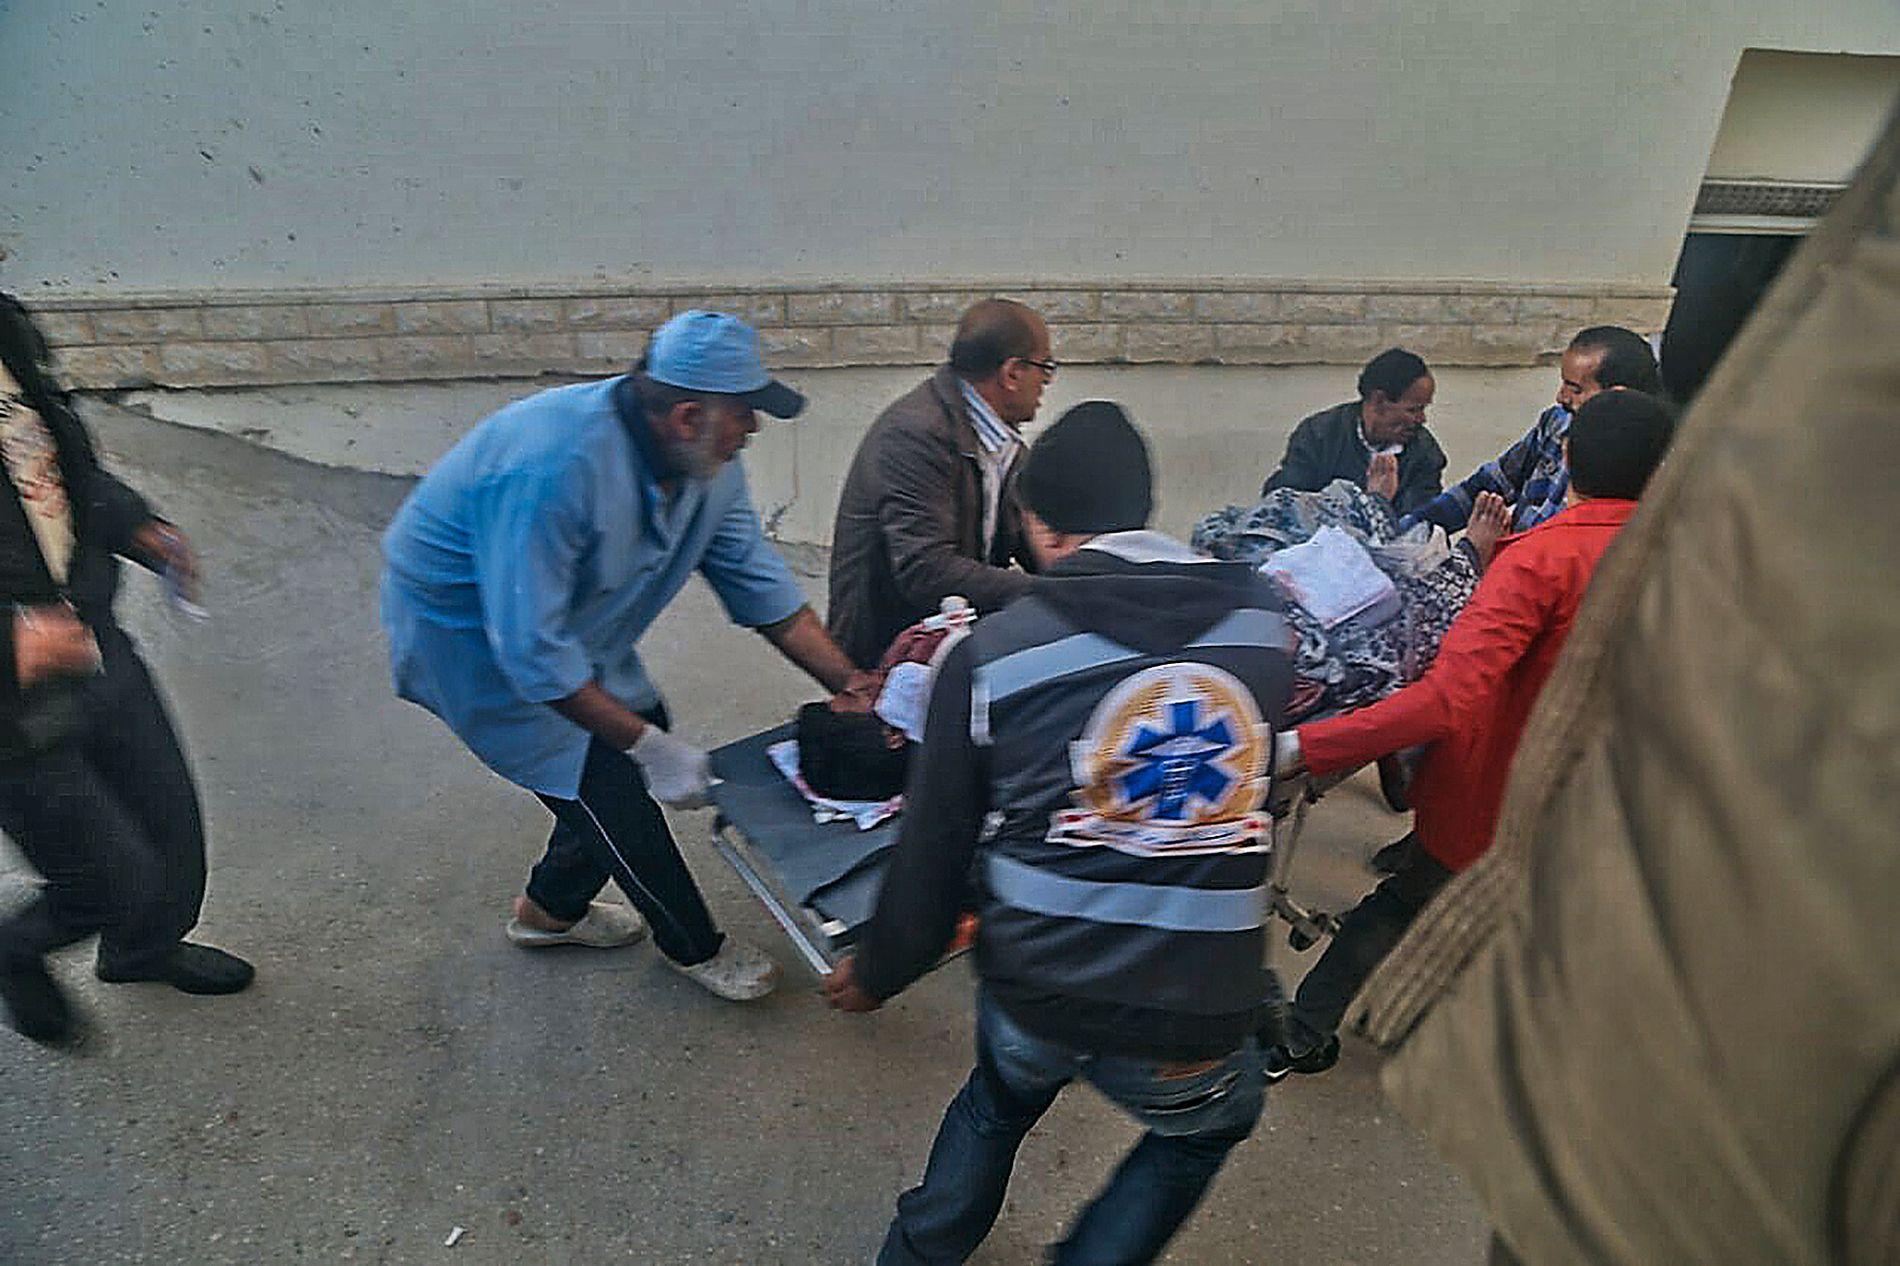 DRAMATISK: Skadede fraktes vekk etter angrepet.